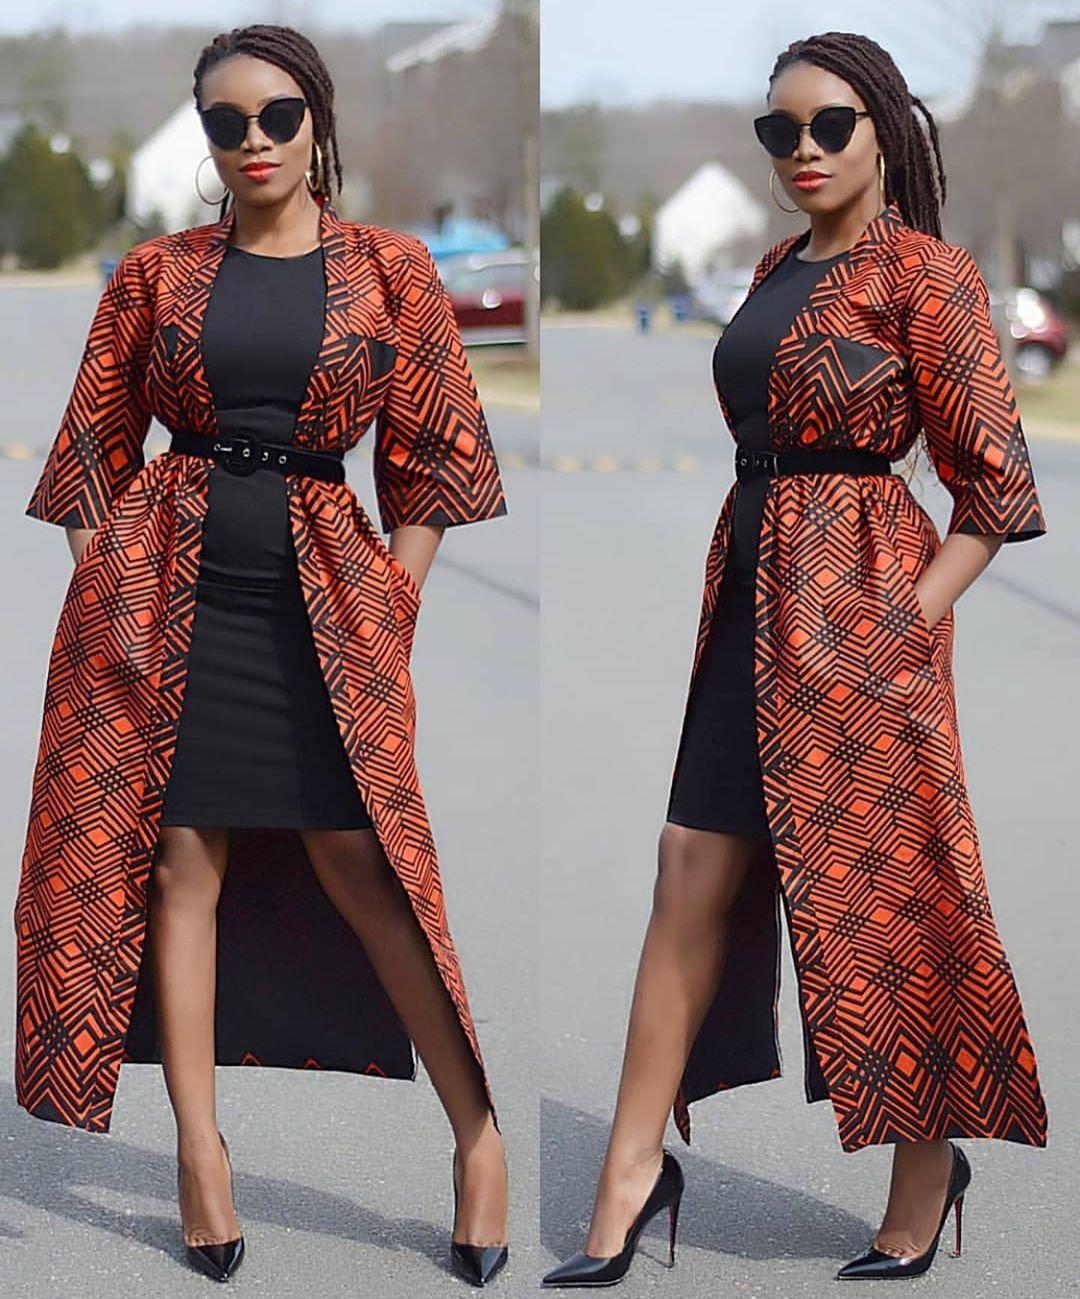 ankara kimono styles 2020 6